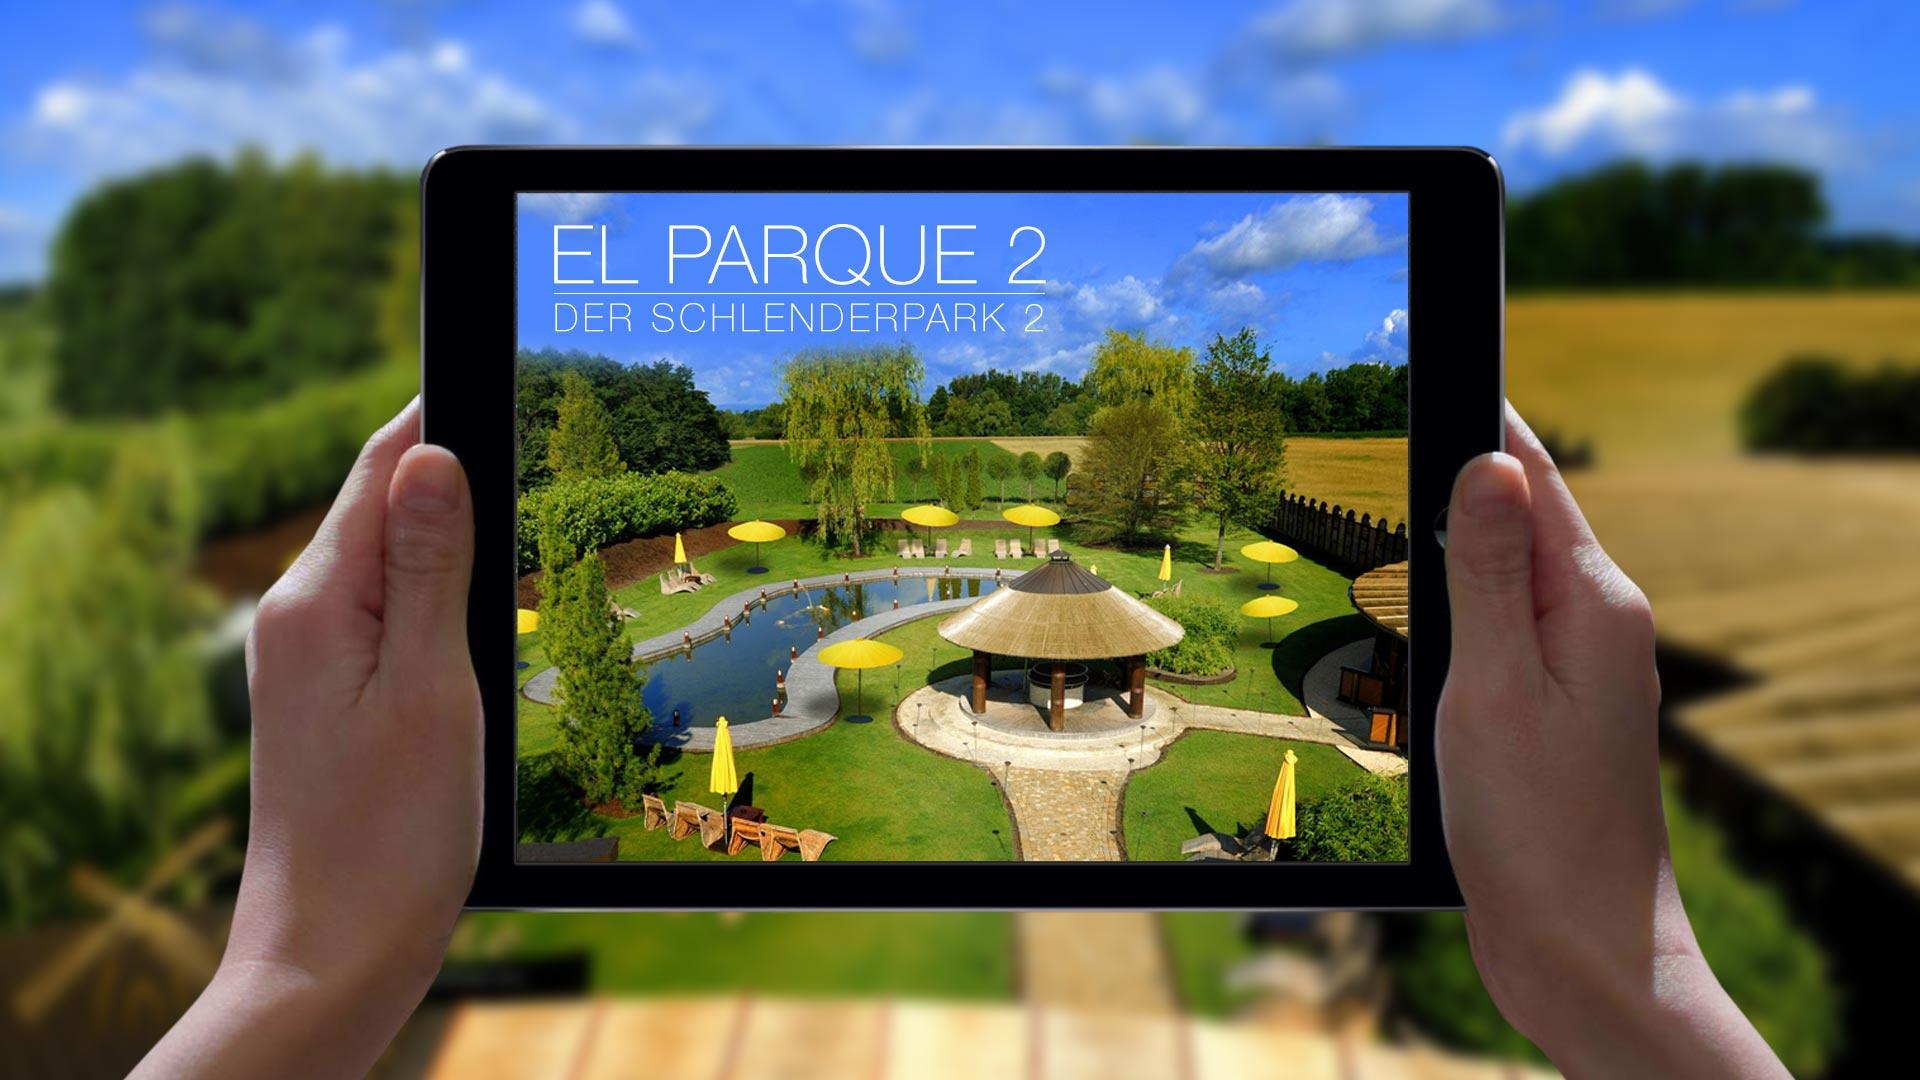 El-Parque-2-Opener.jpg